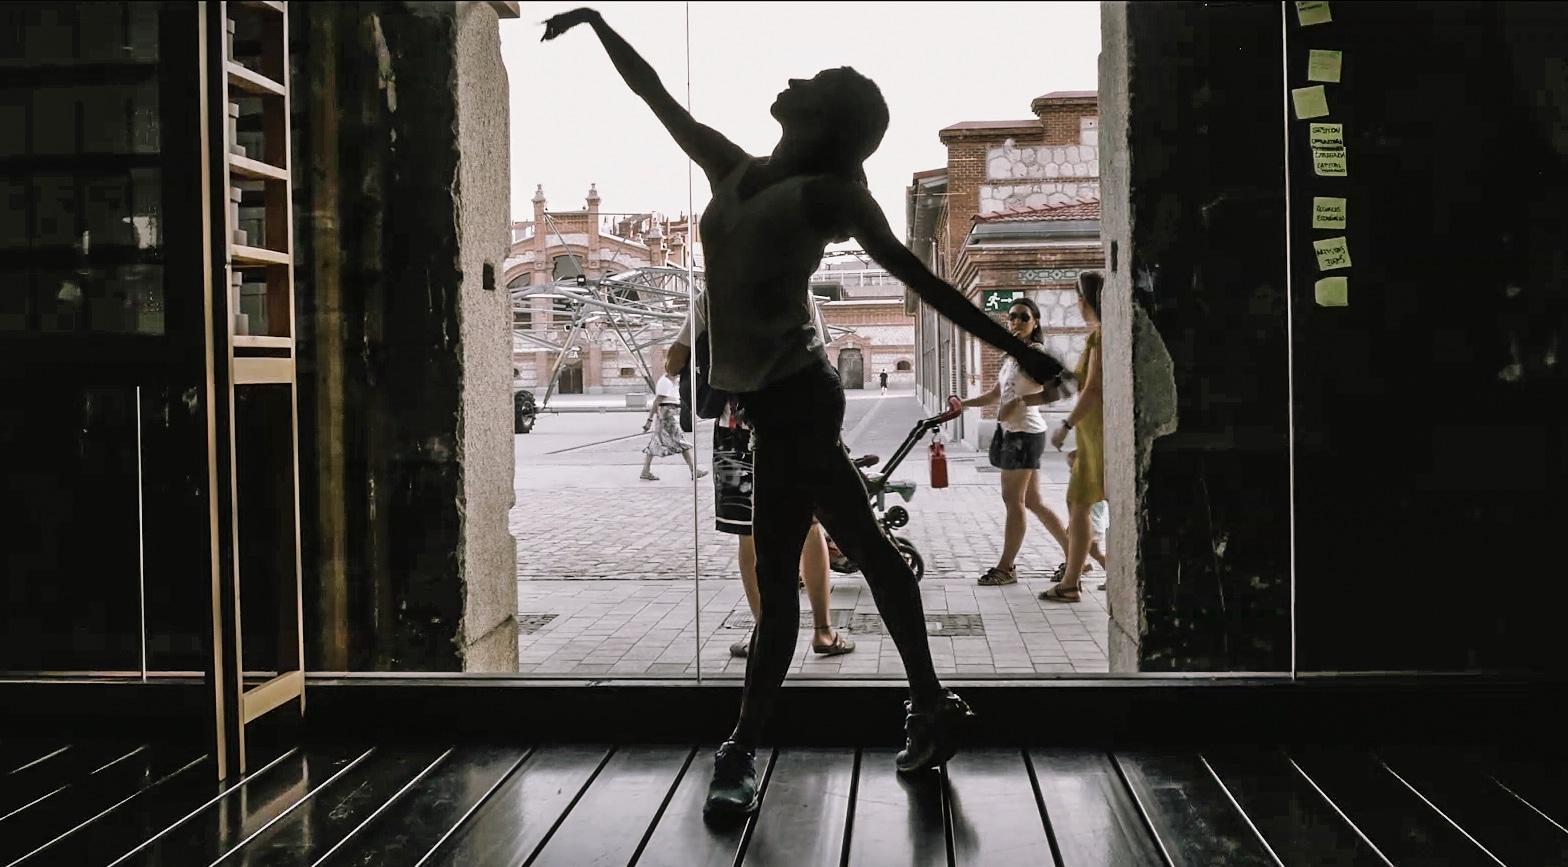 Danzantes: Quién es quién